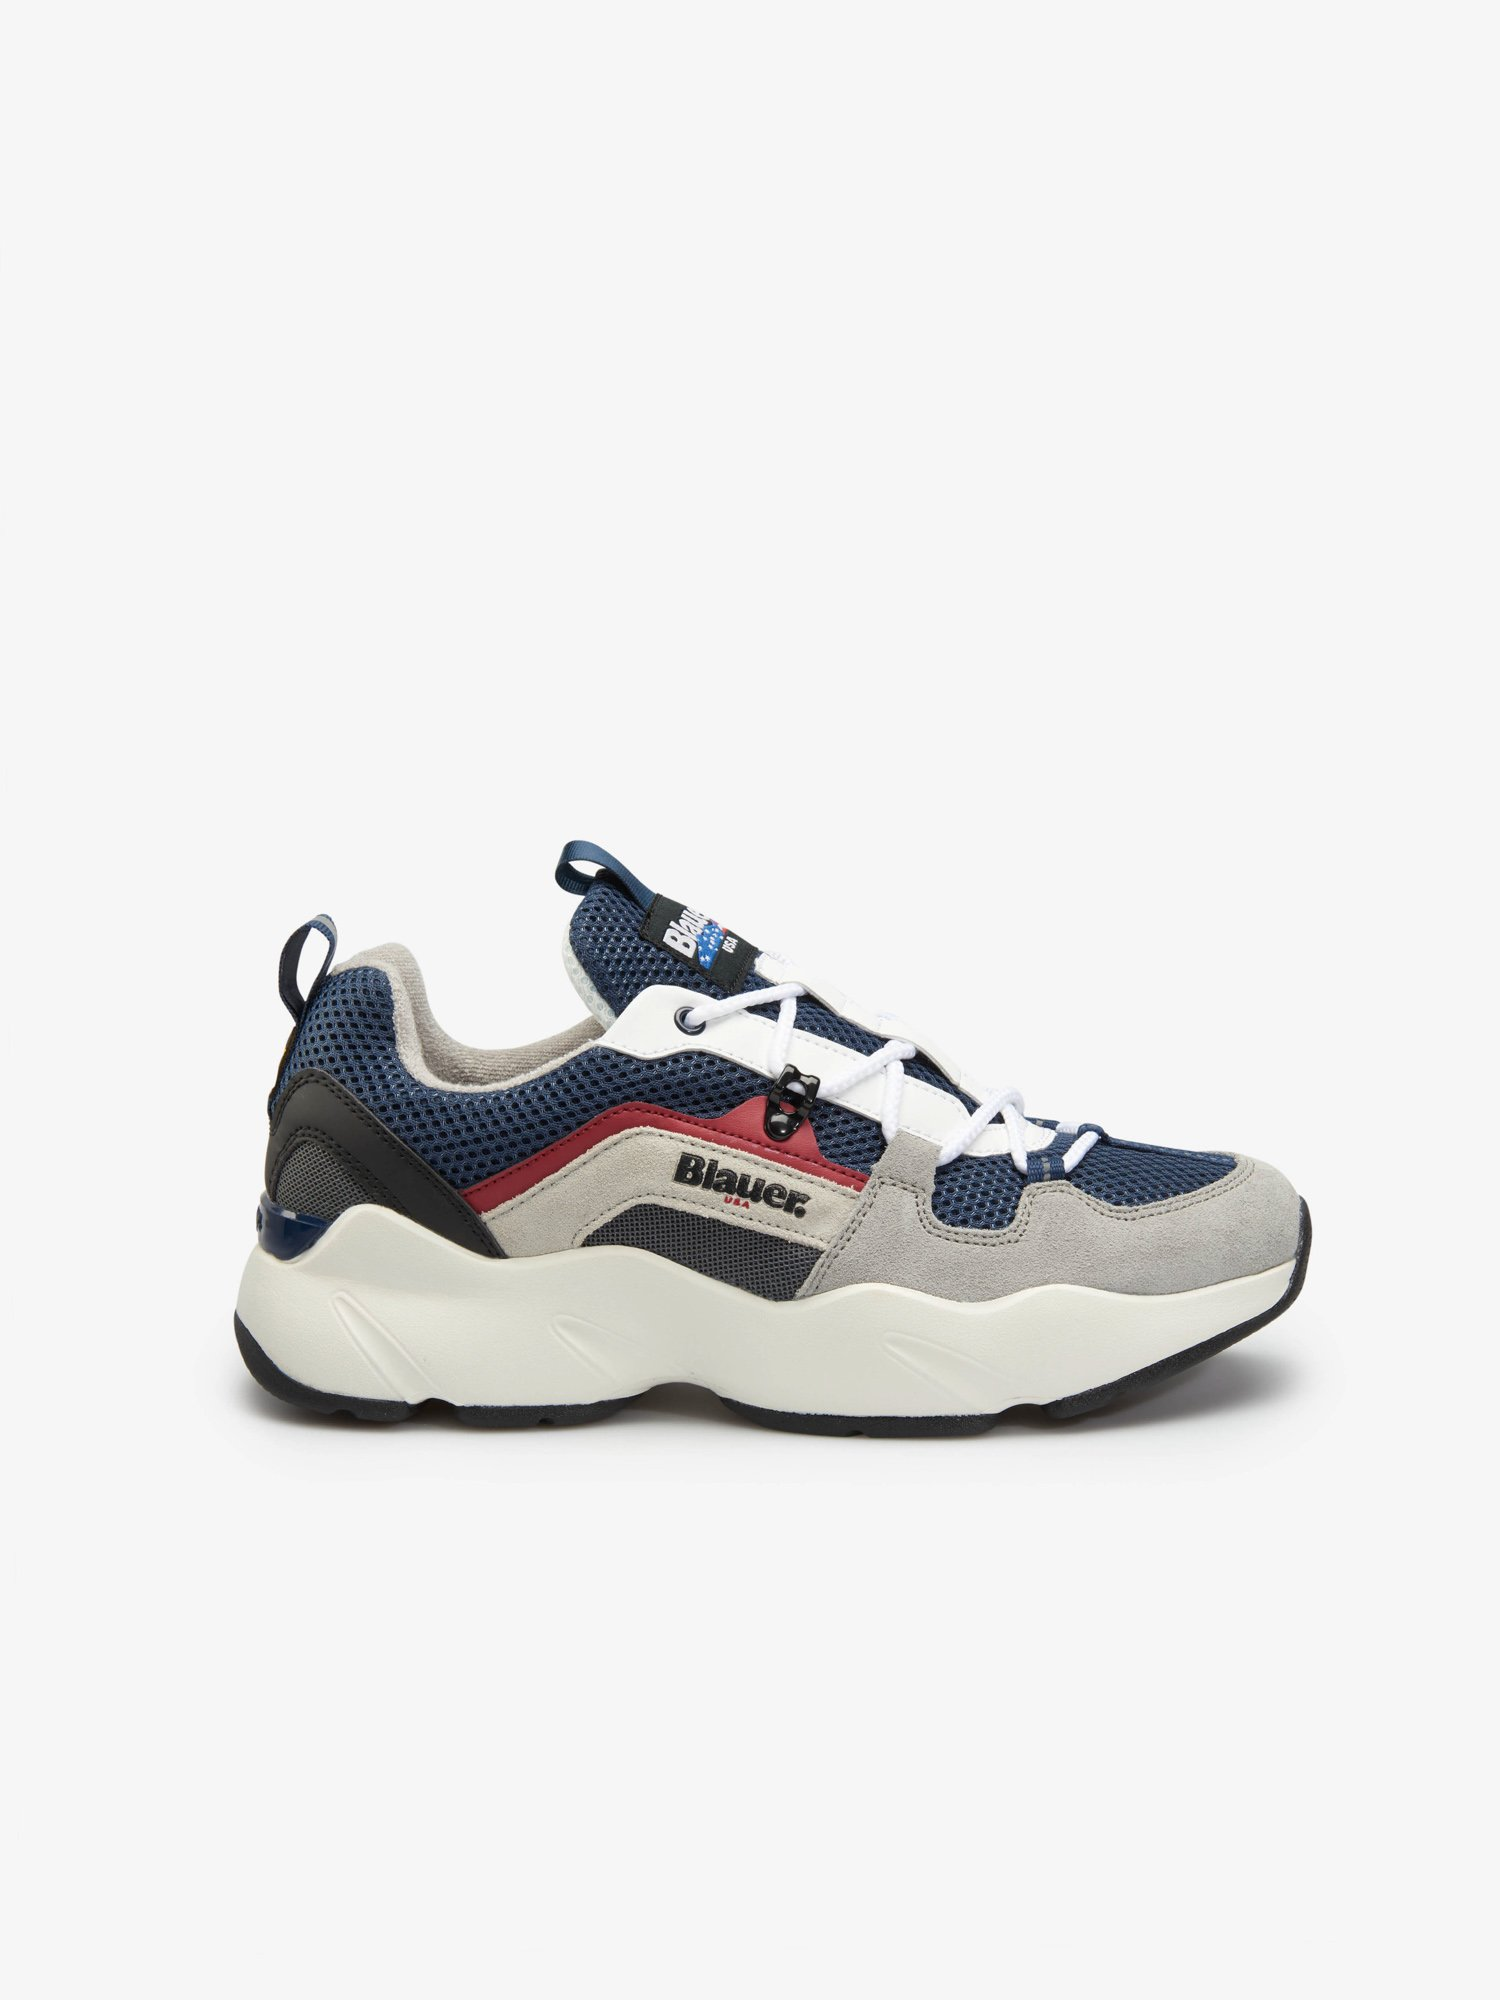 Marvin Sneakers man - Blauer